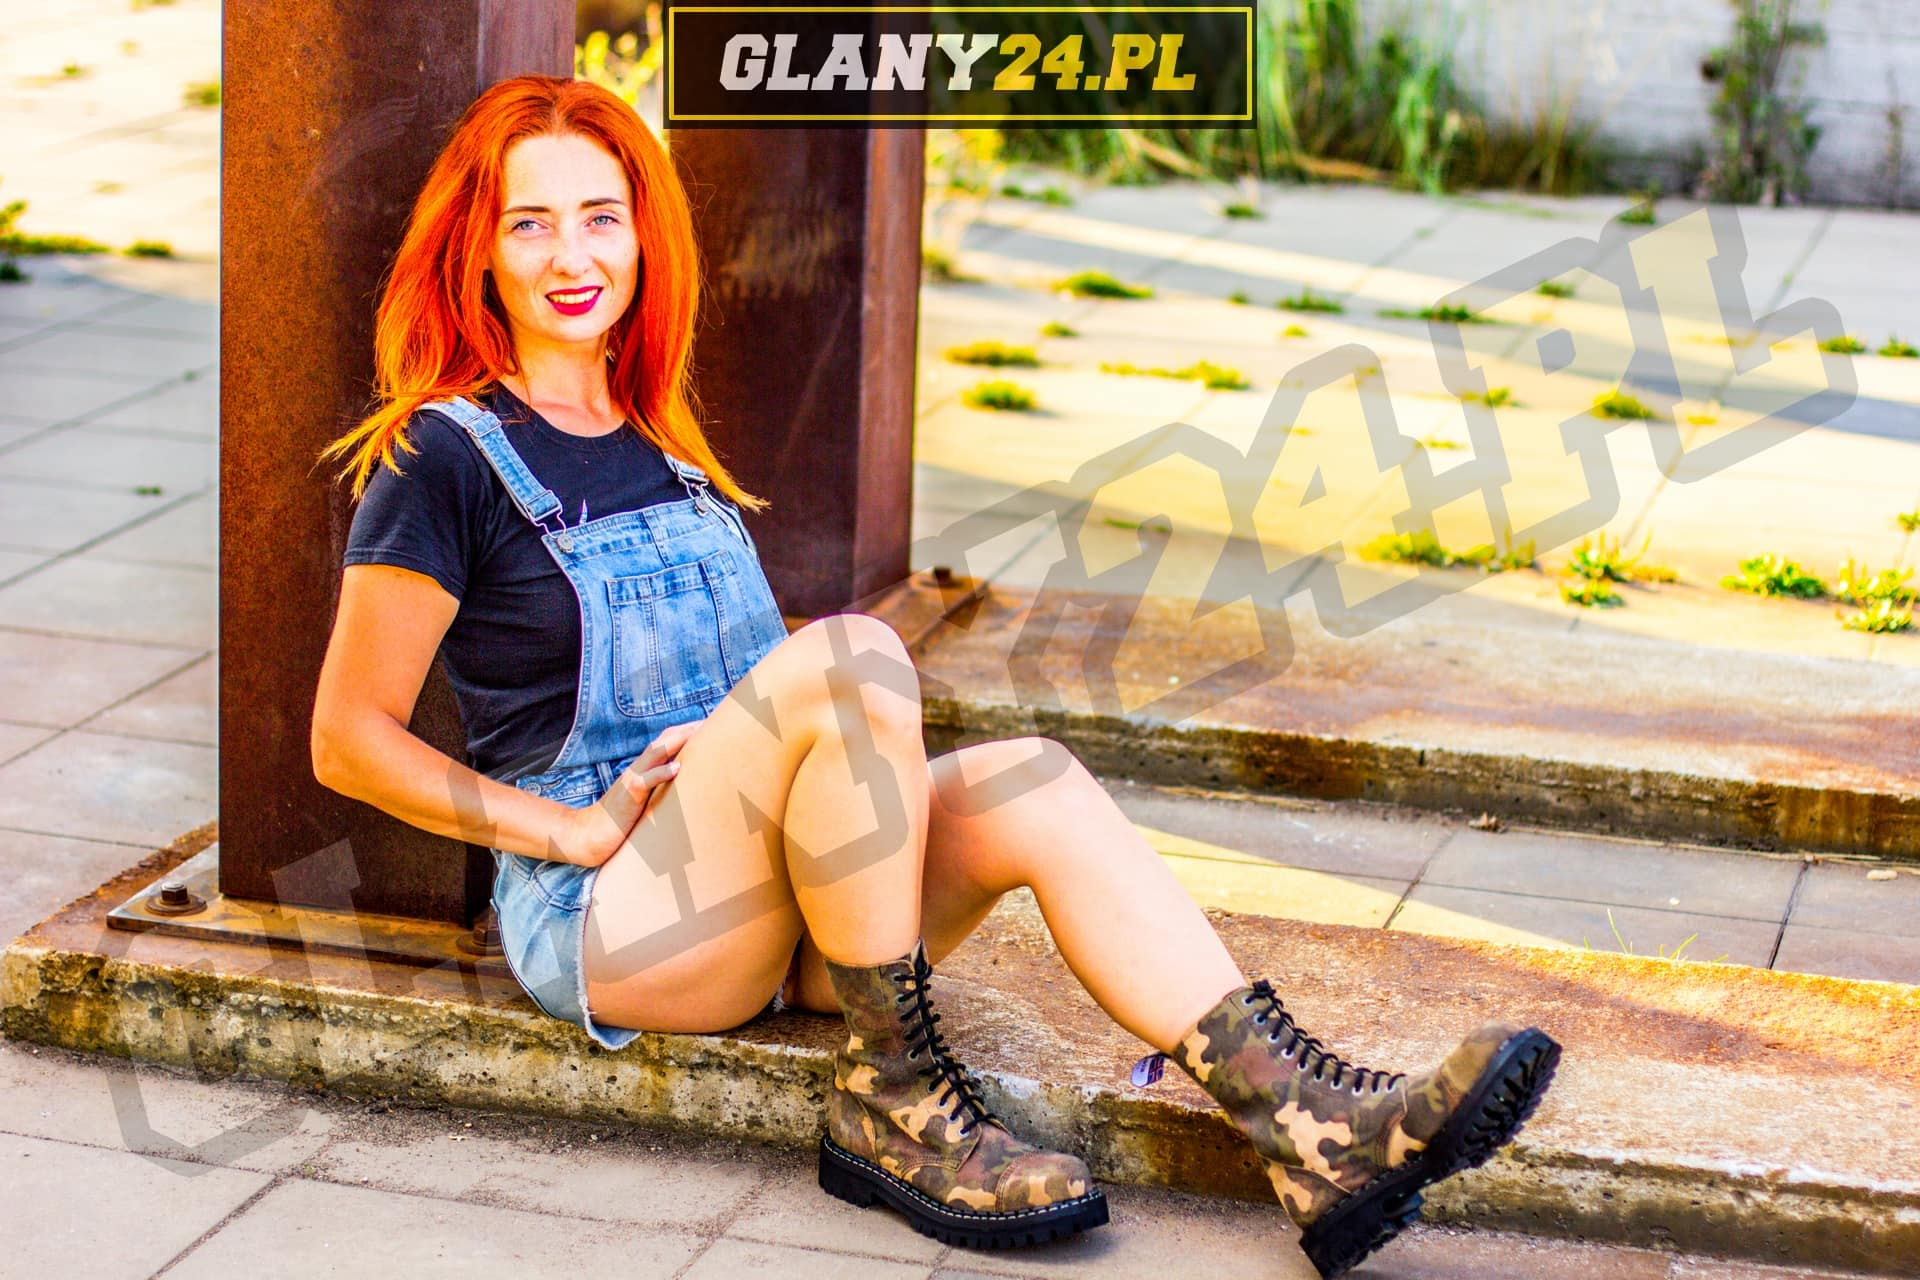 Glany MORO